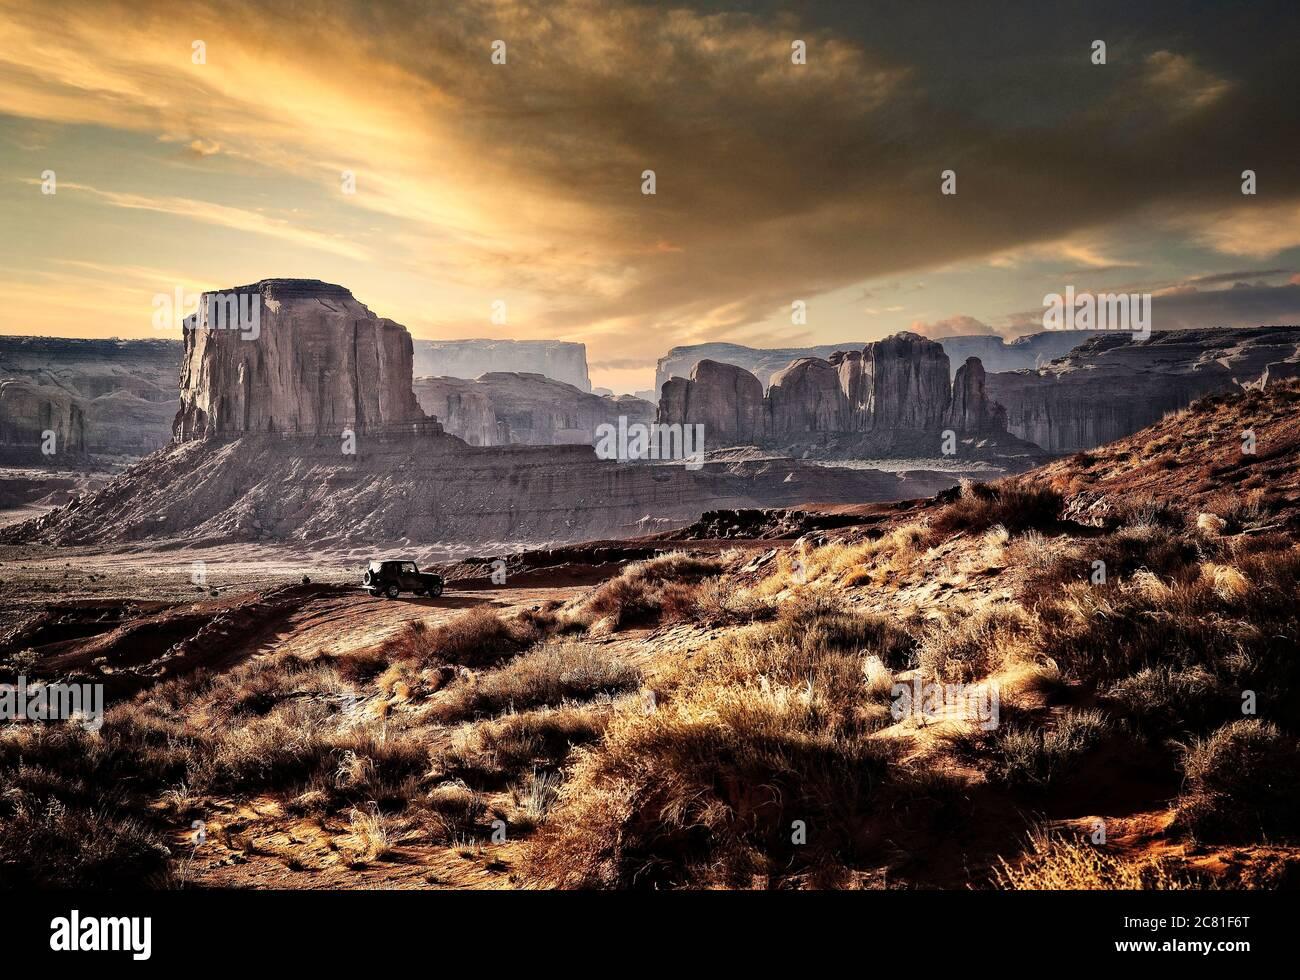 Ein Besucher hat die Aussicht auf einen Aussichtspunkt im Monument Valley an der Grenze zu Arizona/Utah. Stockfoto